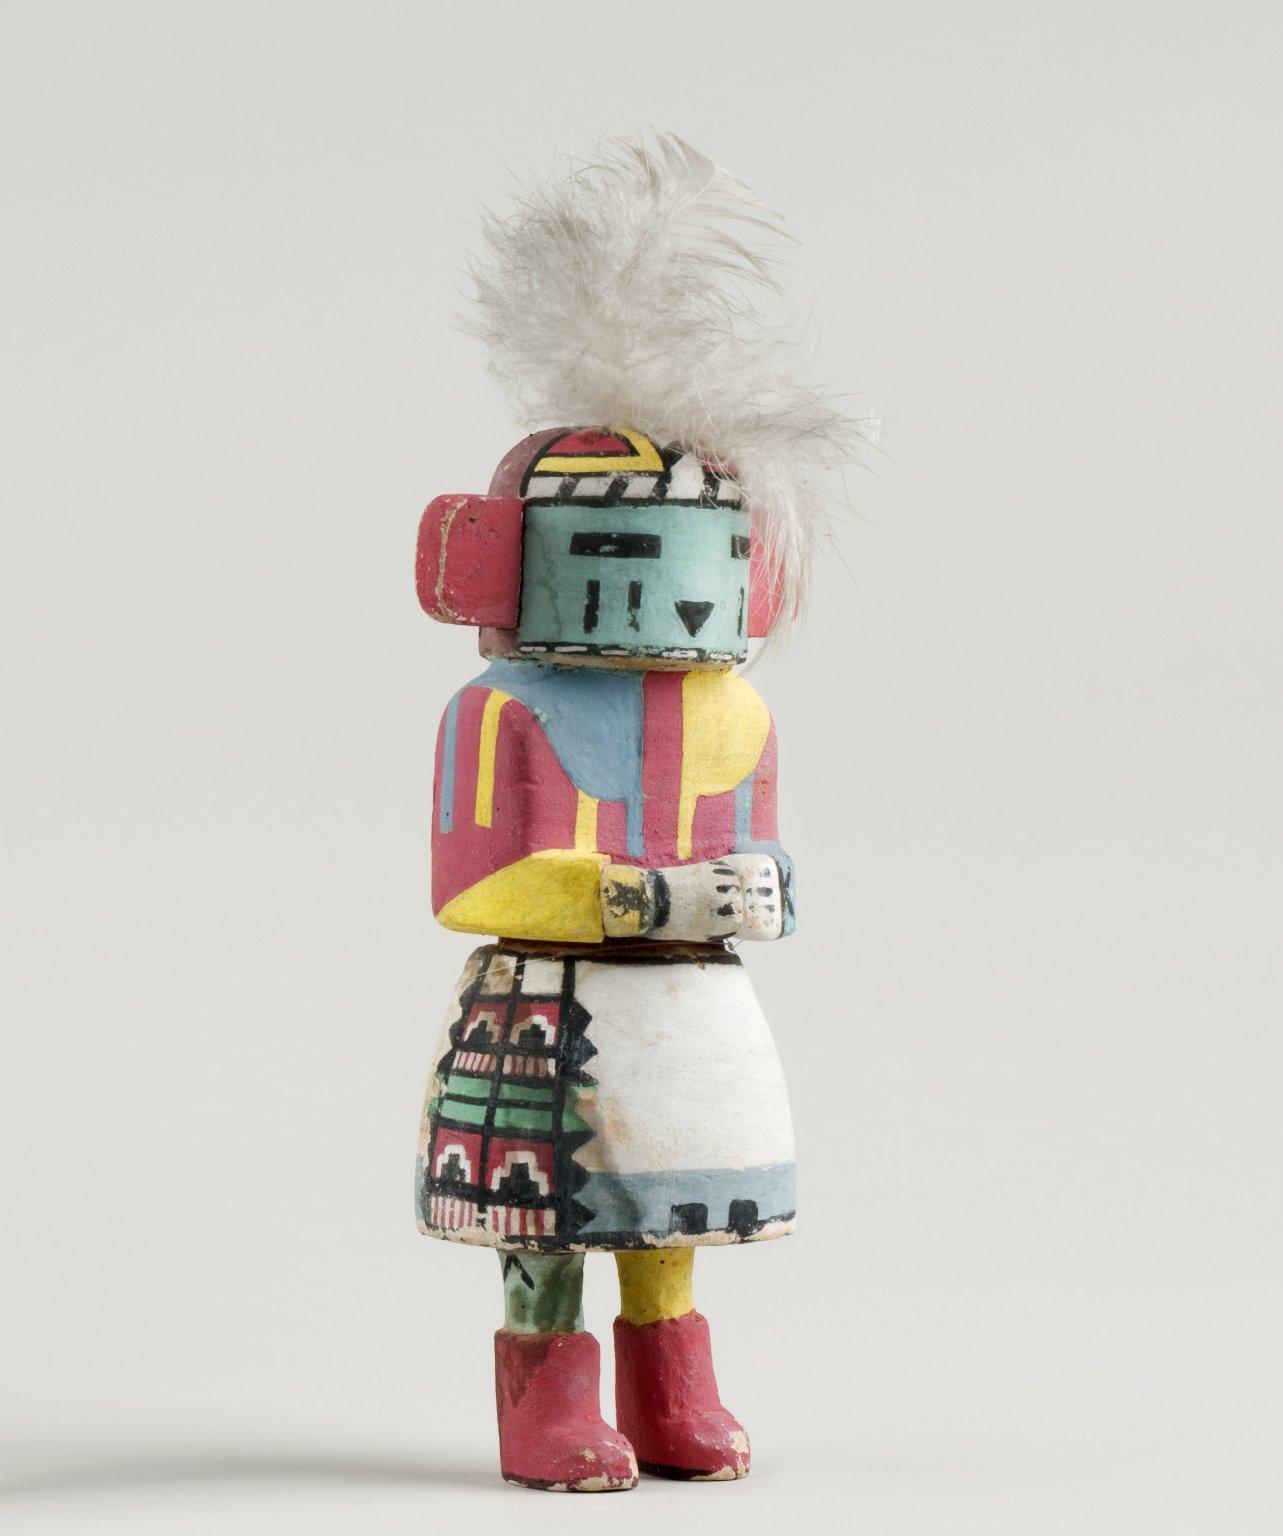 Umtoinaqa Kachina Doll